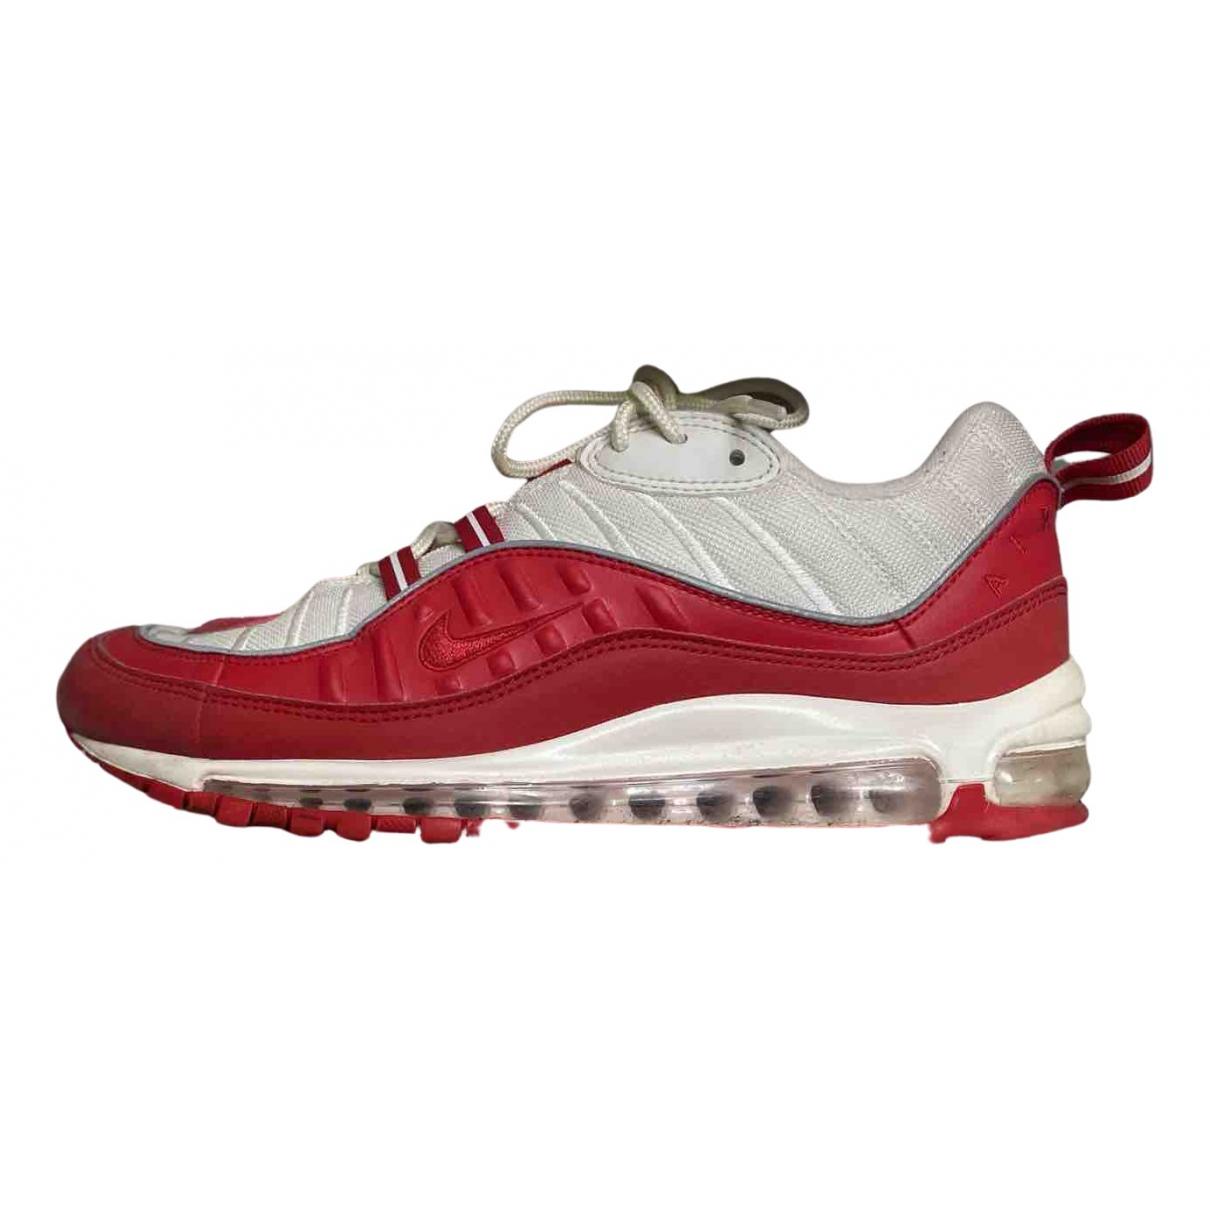 Nike - Baskets Air Max 98 pour homme en toile - rouge